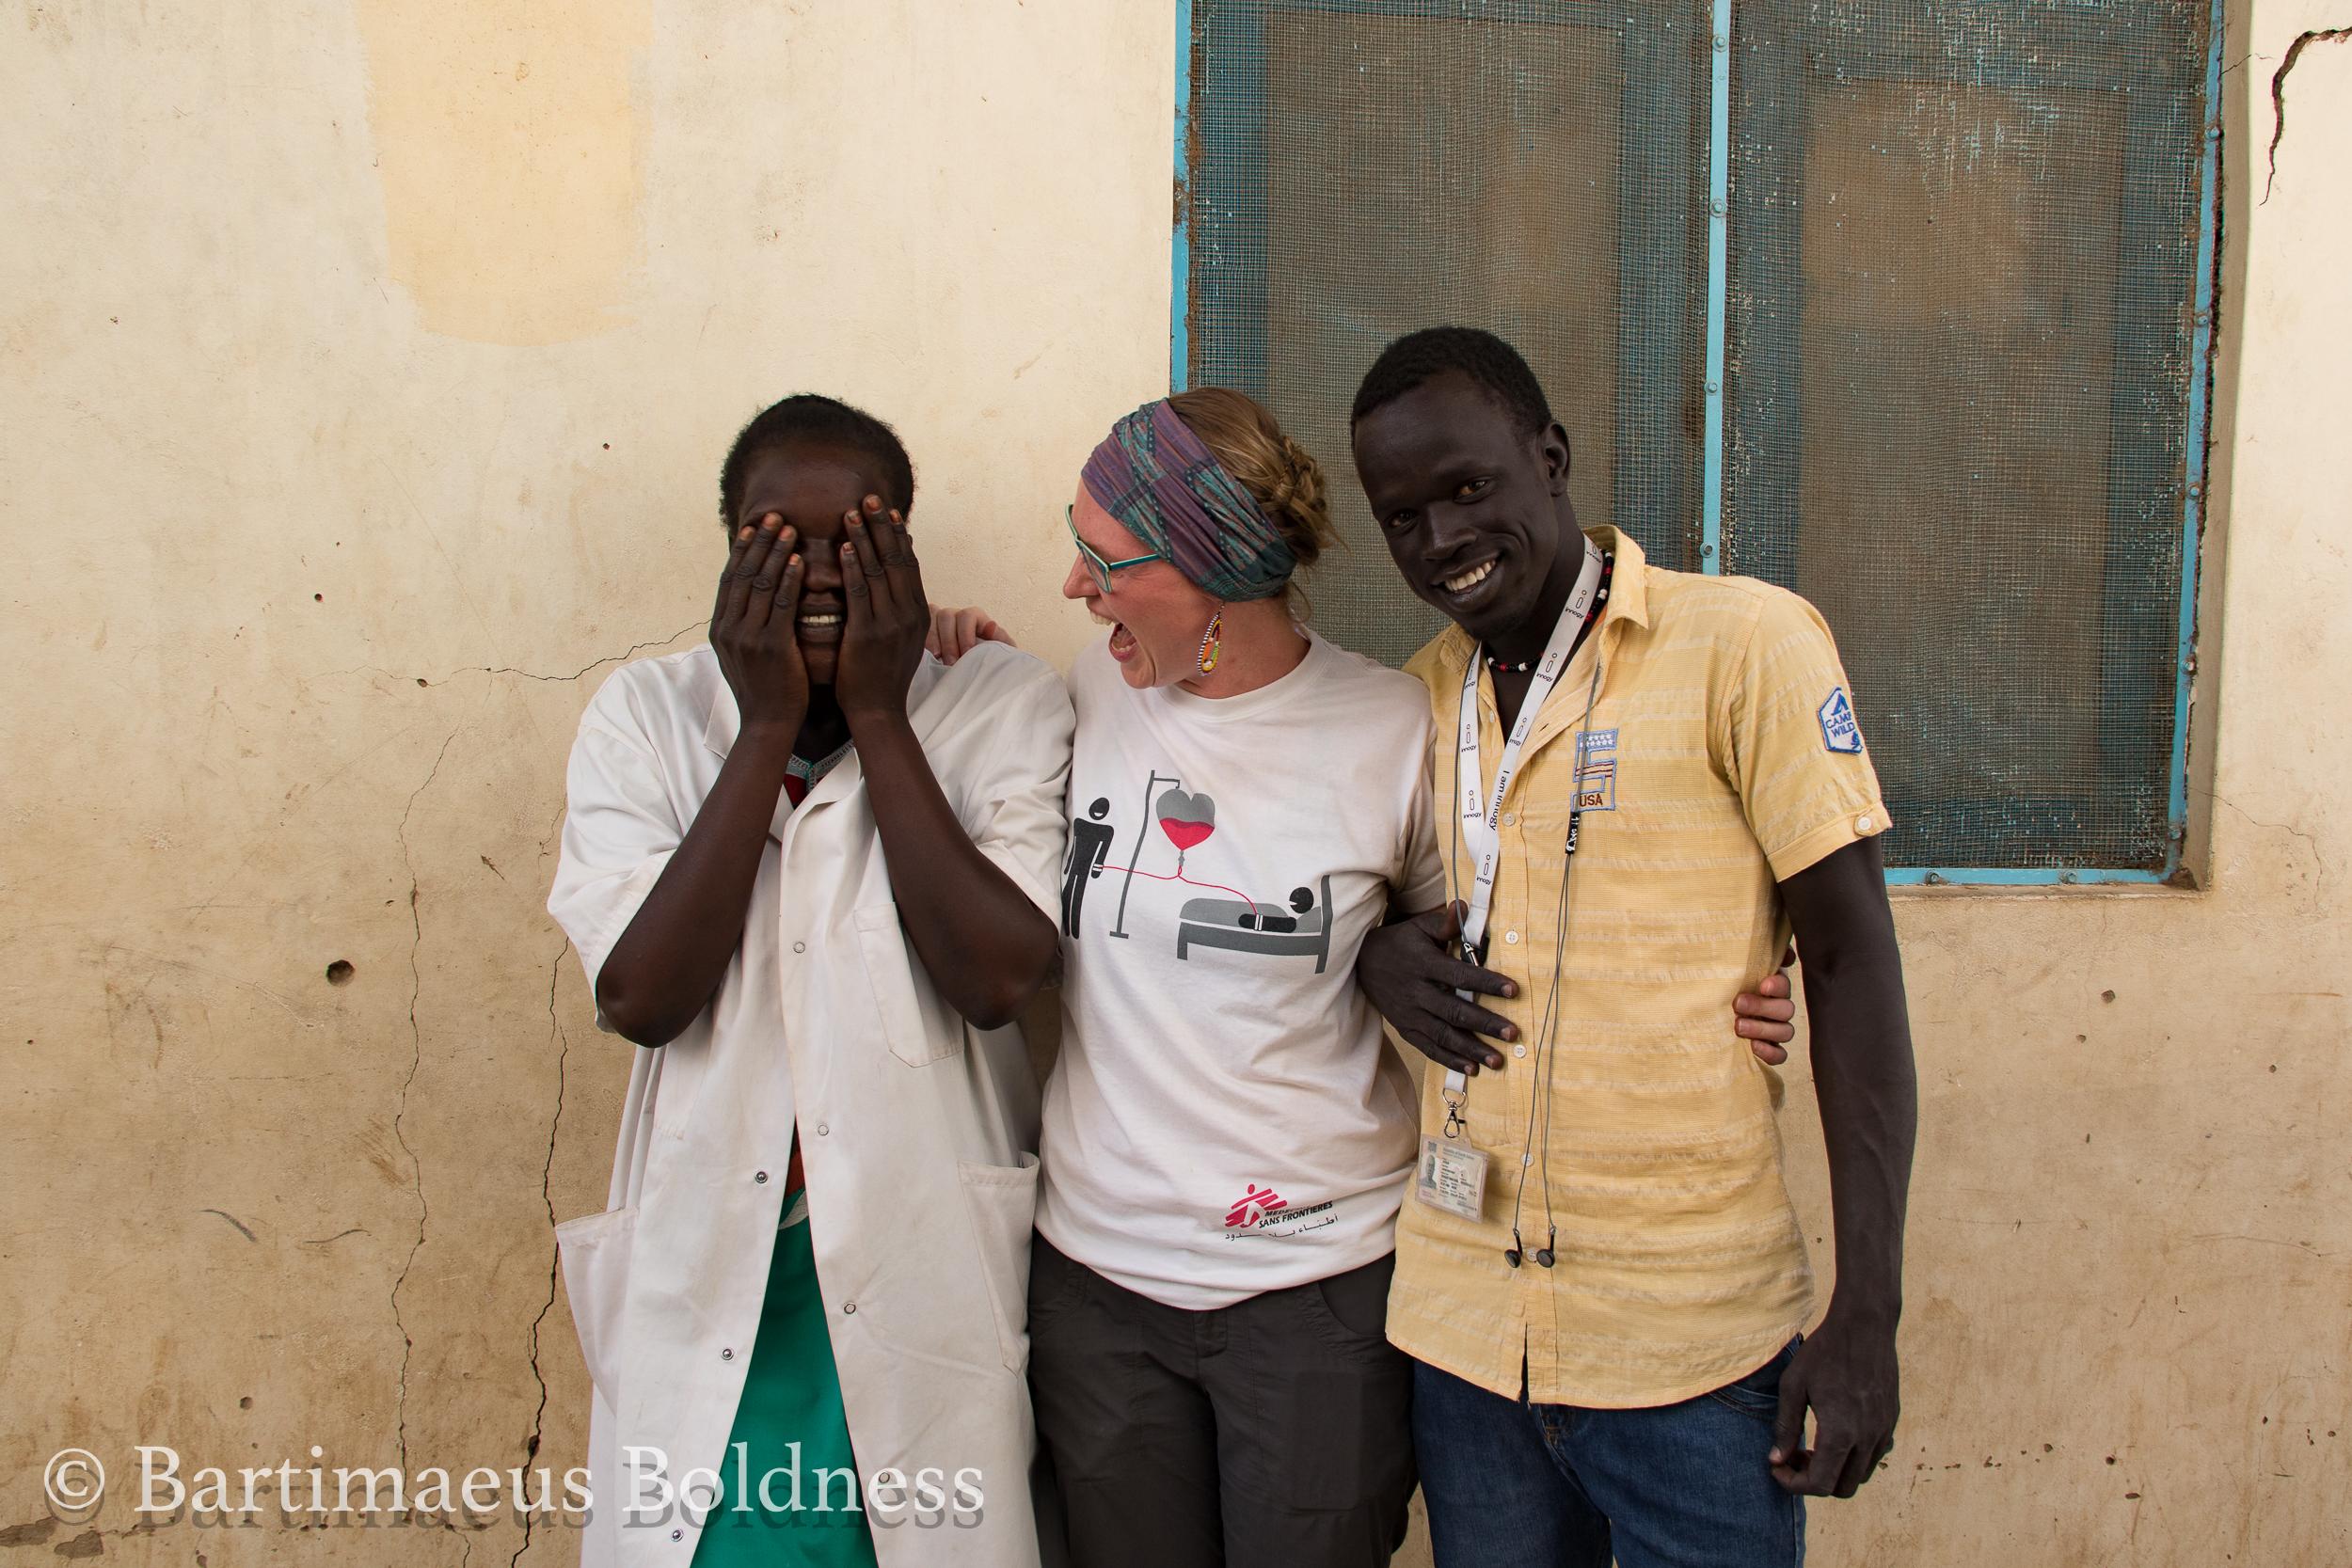 smaller resolution south sudan-7.jpg